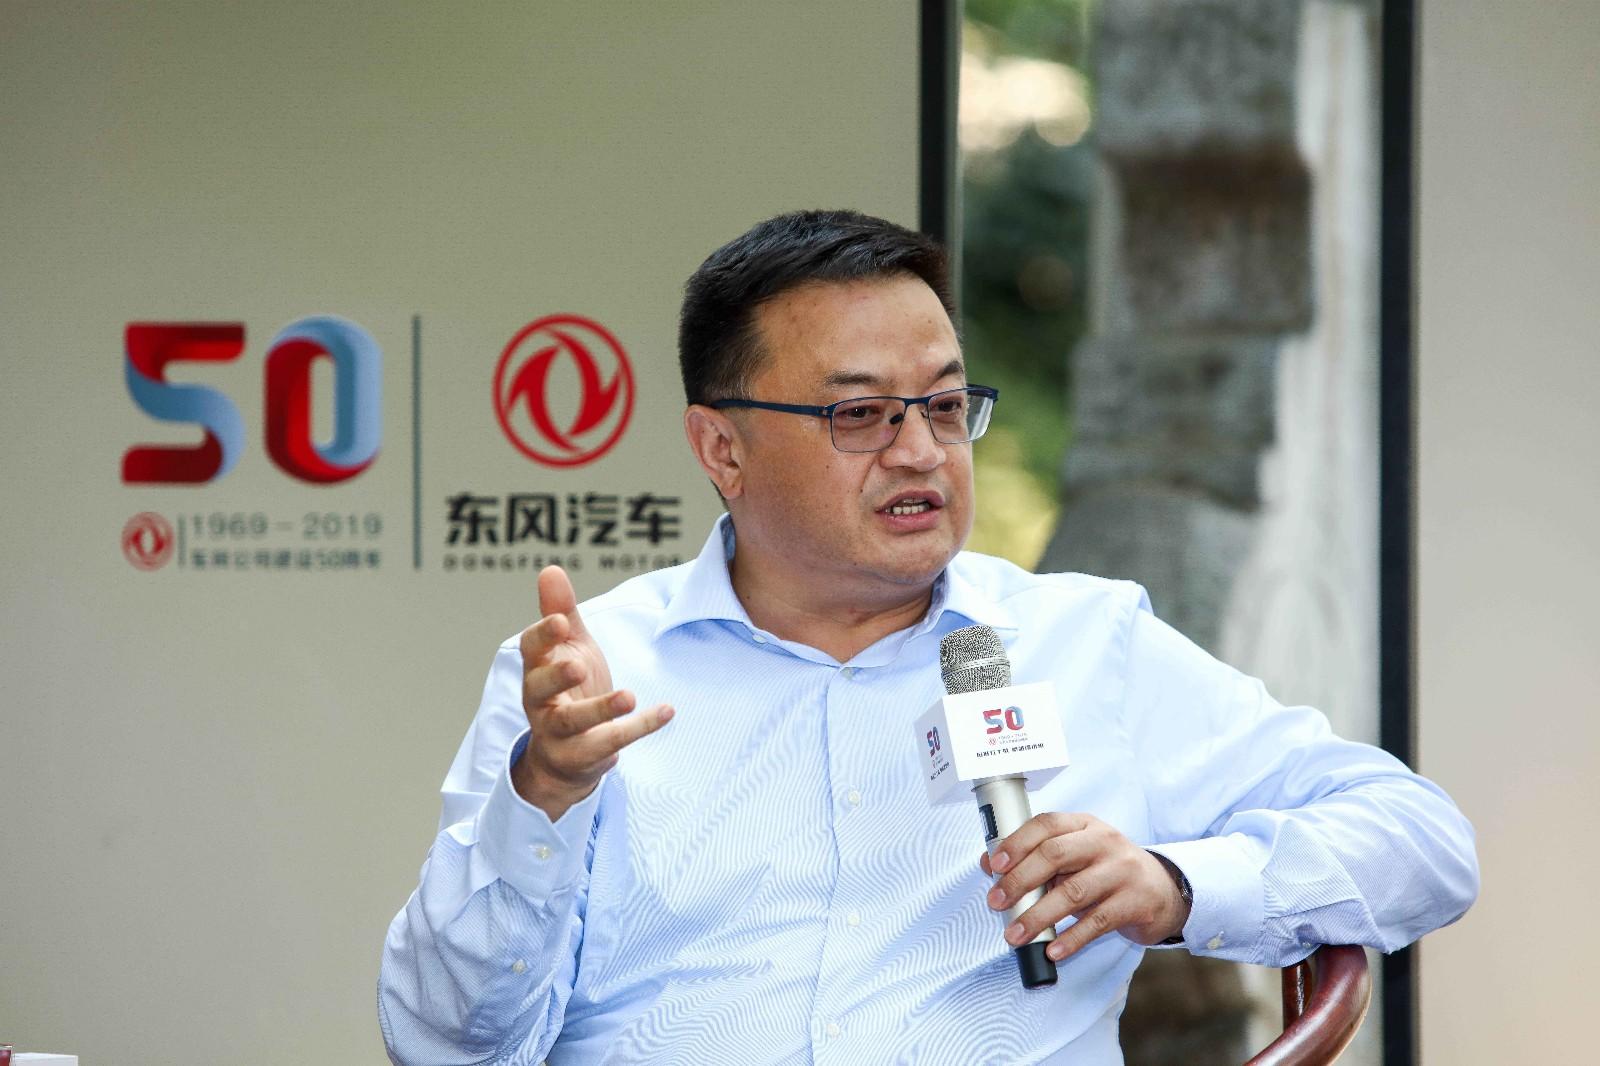 东风汽车集团有限公司党委常委、副总经理 尤峥